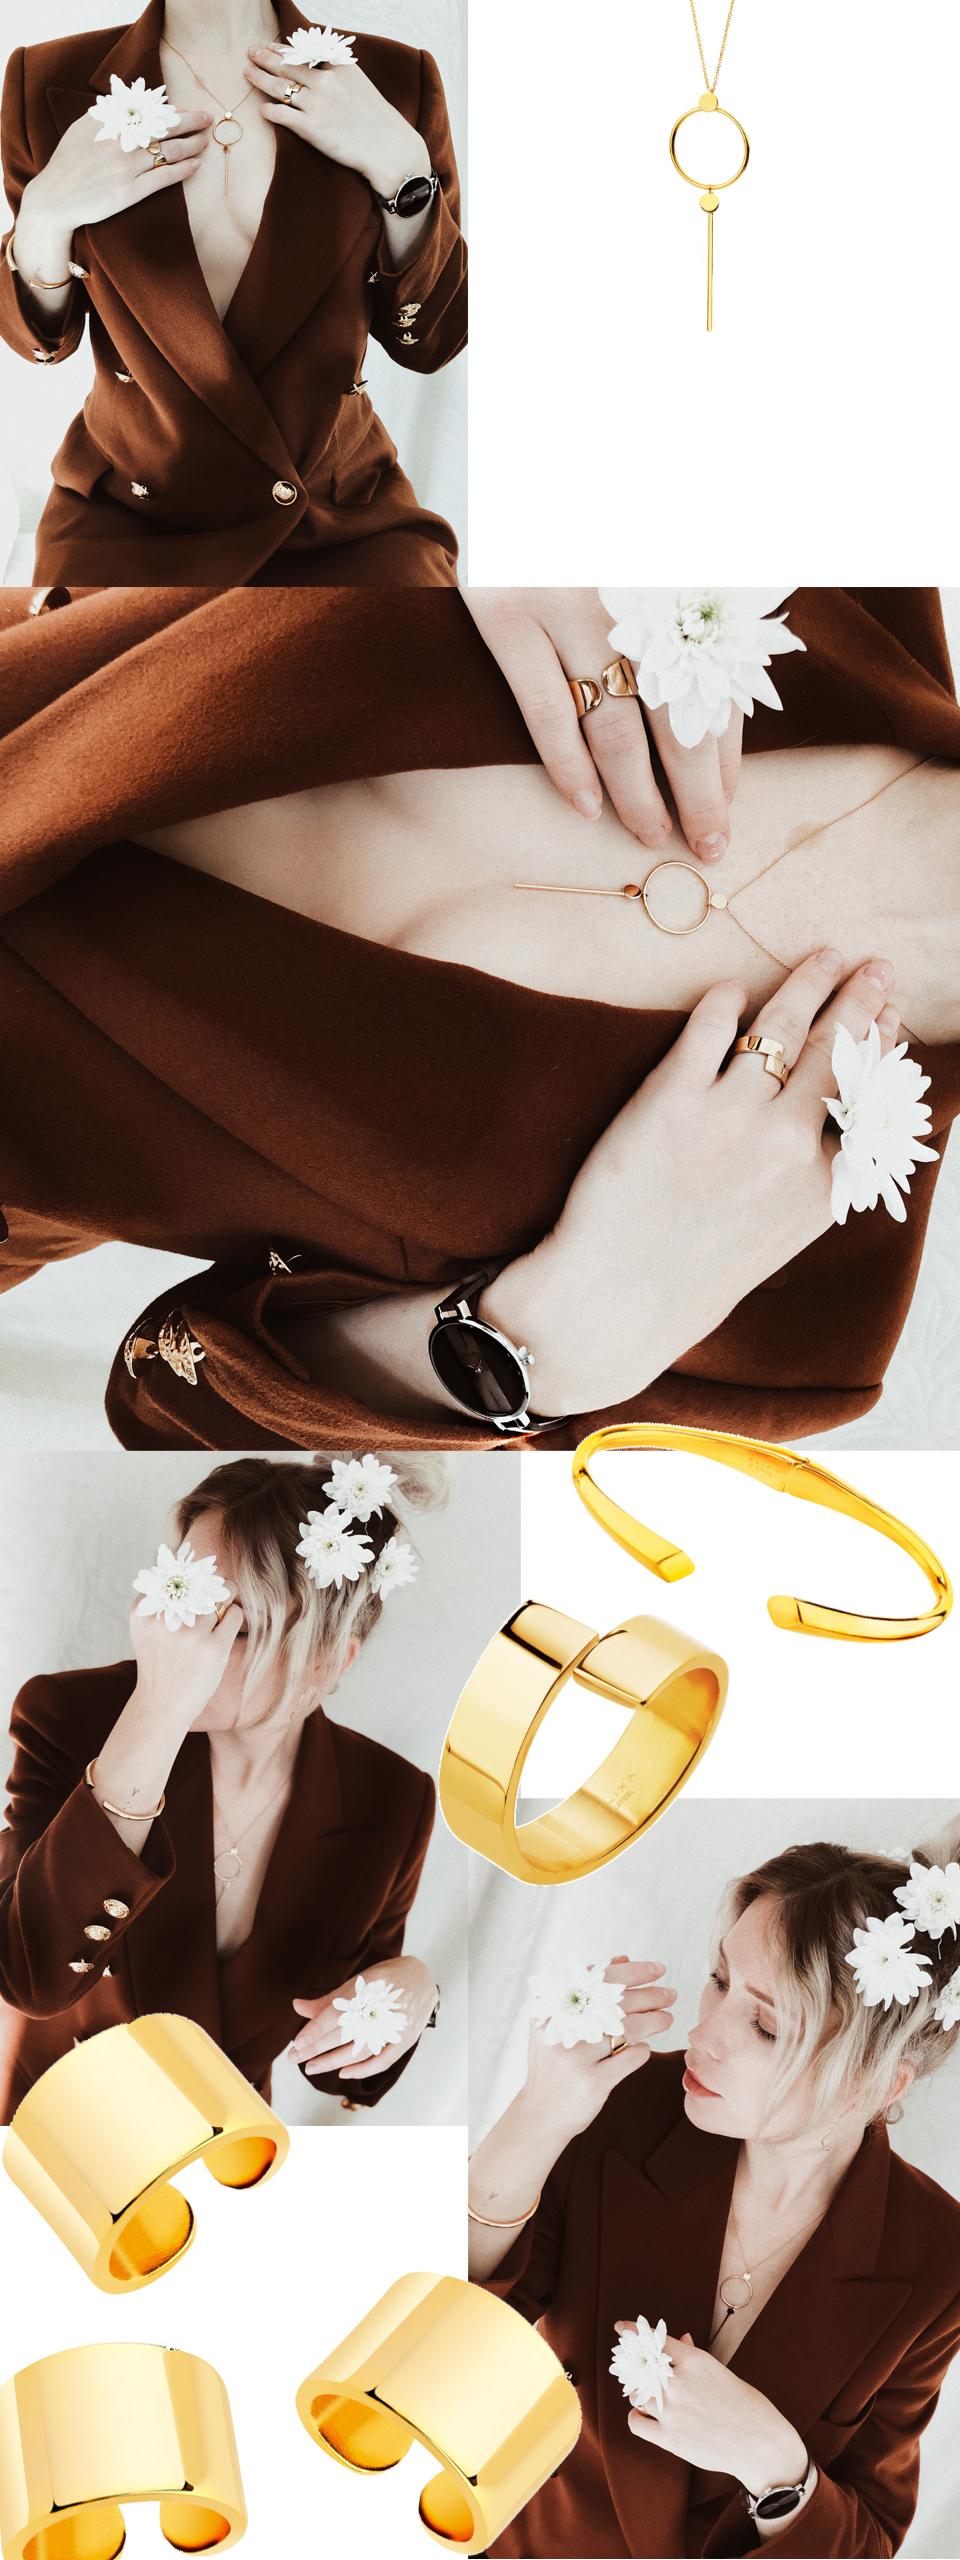 ubrana-w-biżuterię-apart-blog-o-modzie